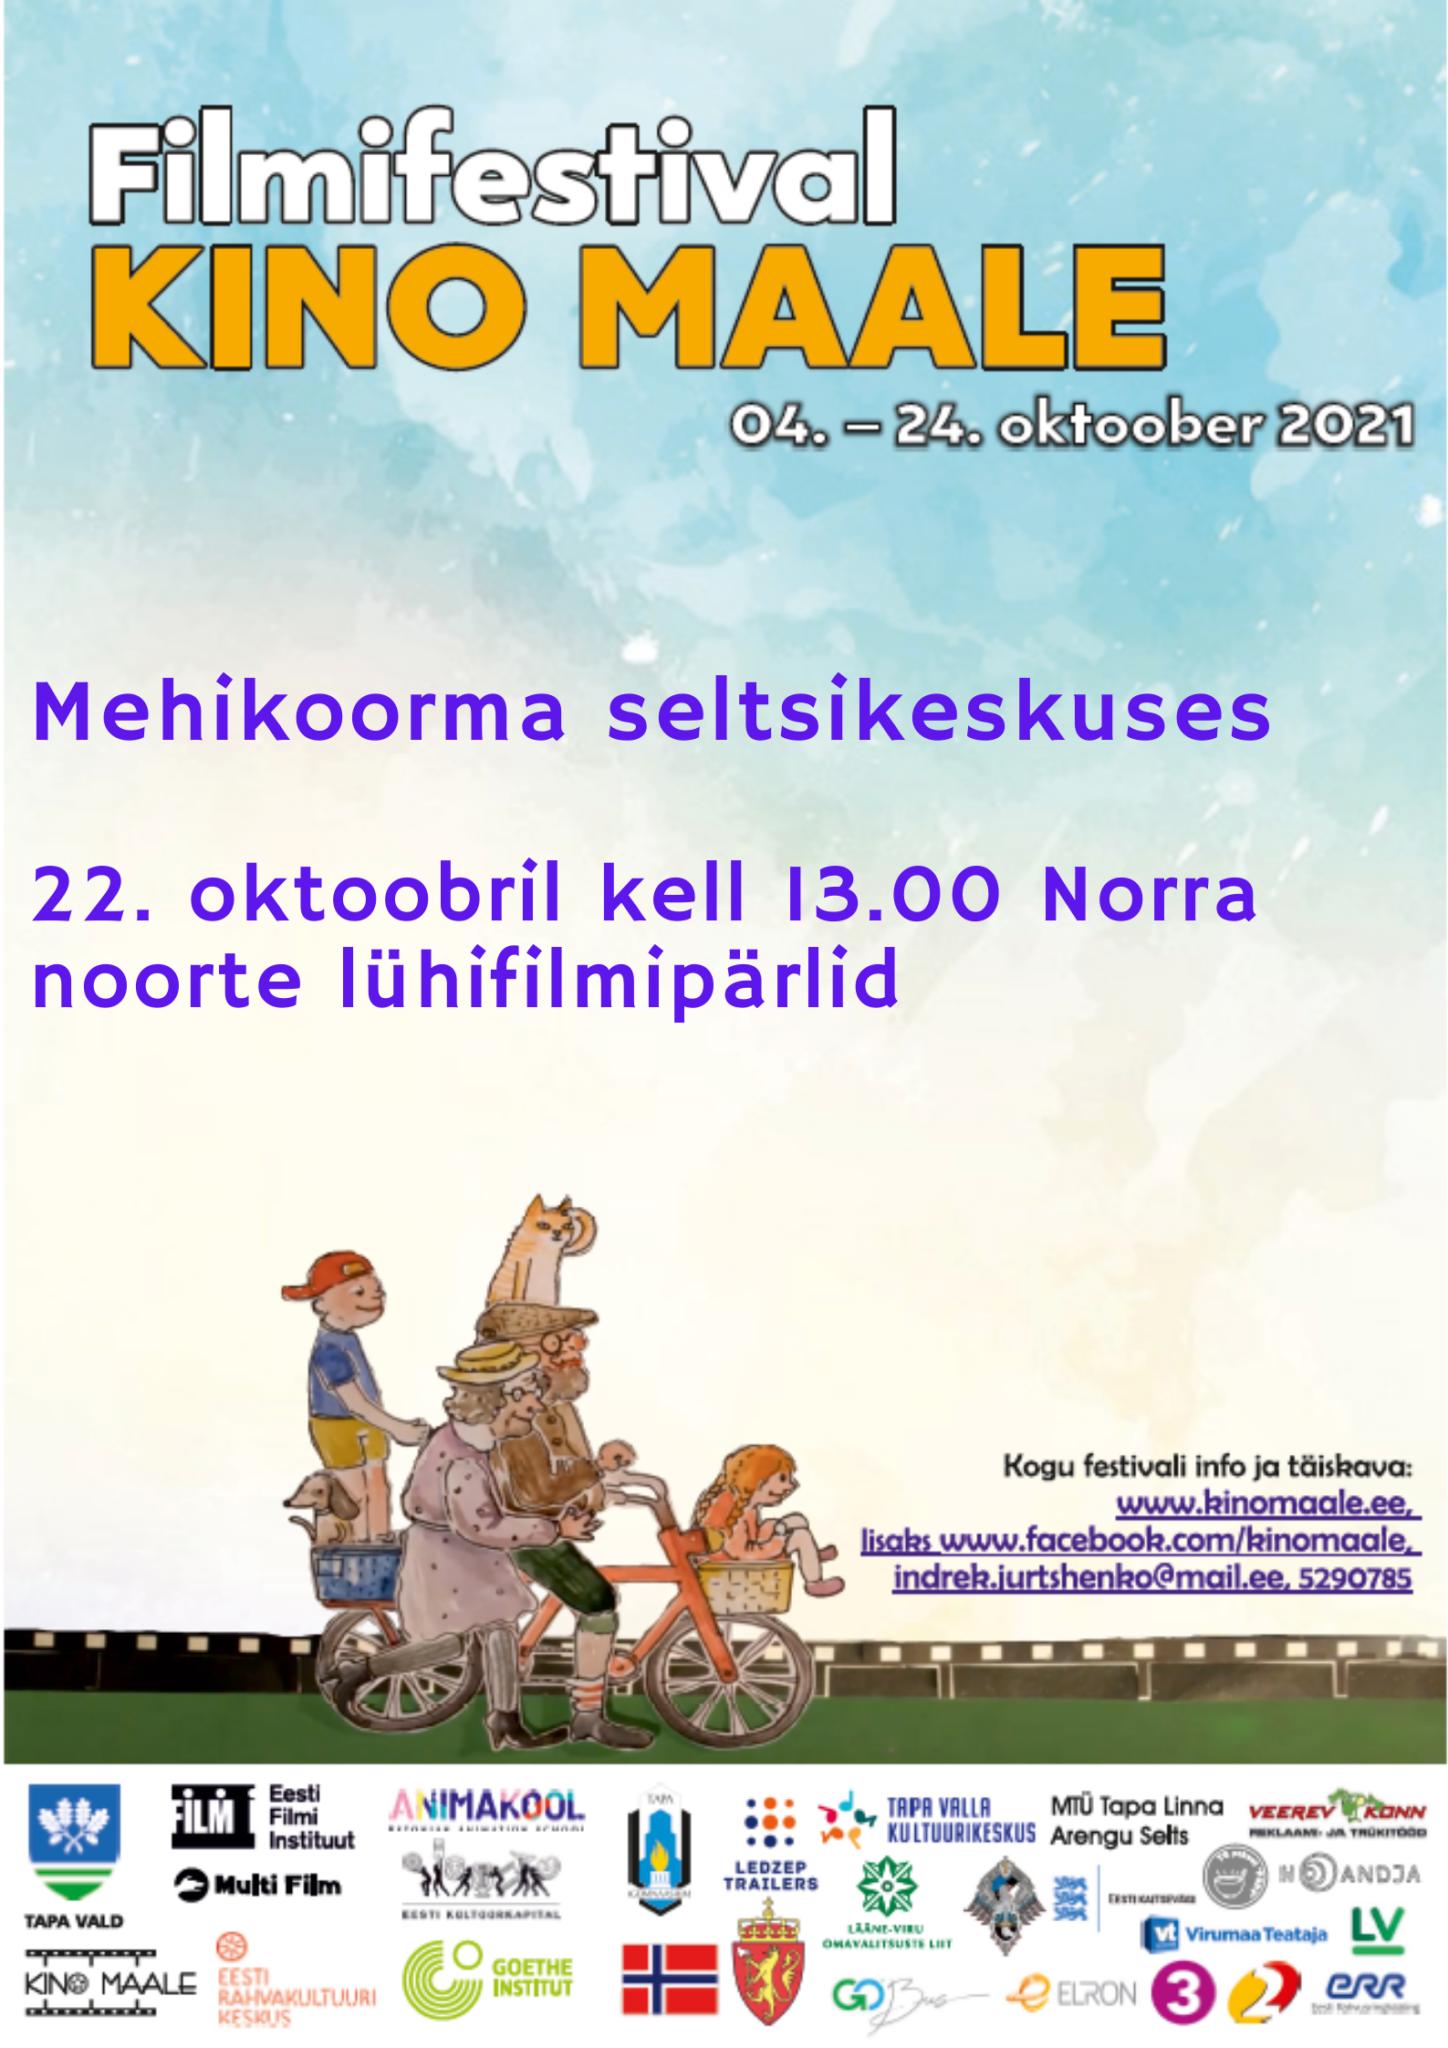 Filmifestival Kino maale: Norra noorte lühifilmipärlid 2 @ Mehikoorma seltsikeskus | Mehikoorma | Tartu maakond | Eesti